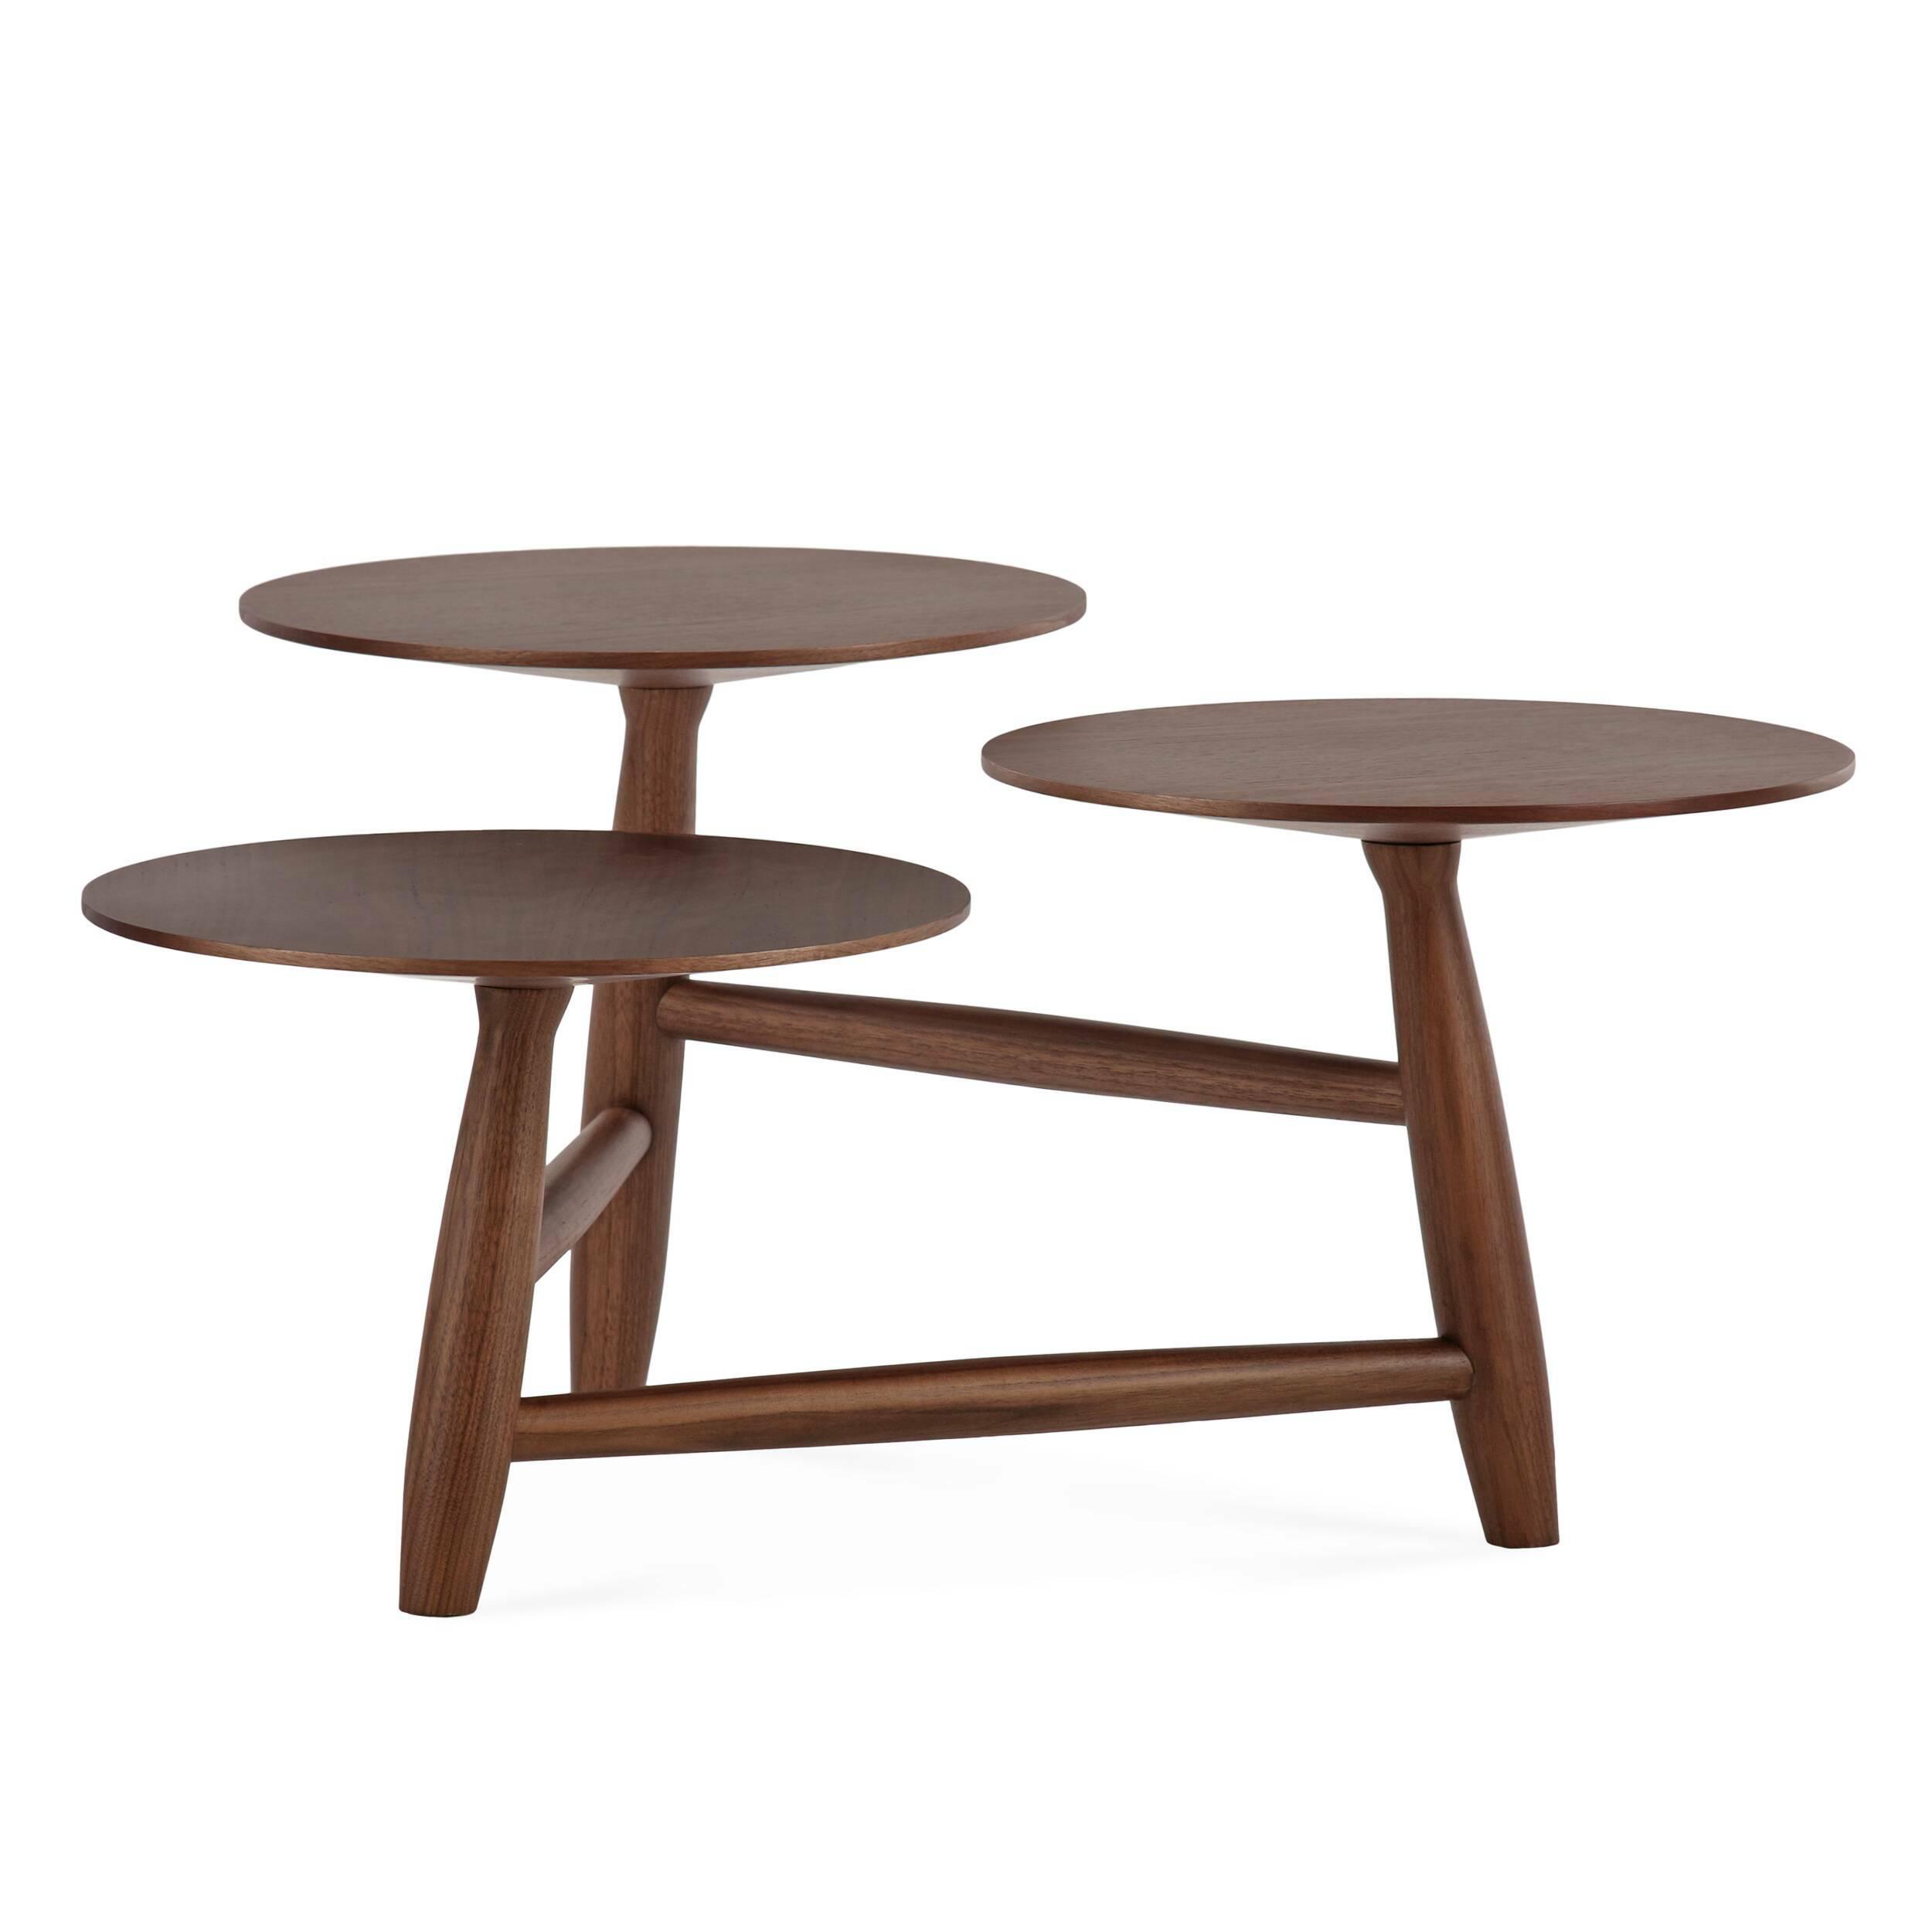 Кофейный стол Tripod высота 40 кофейный стол dad квадратный малый высота 40